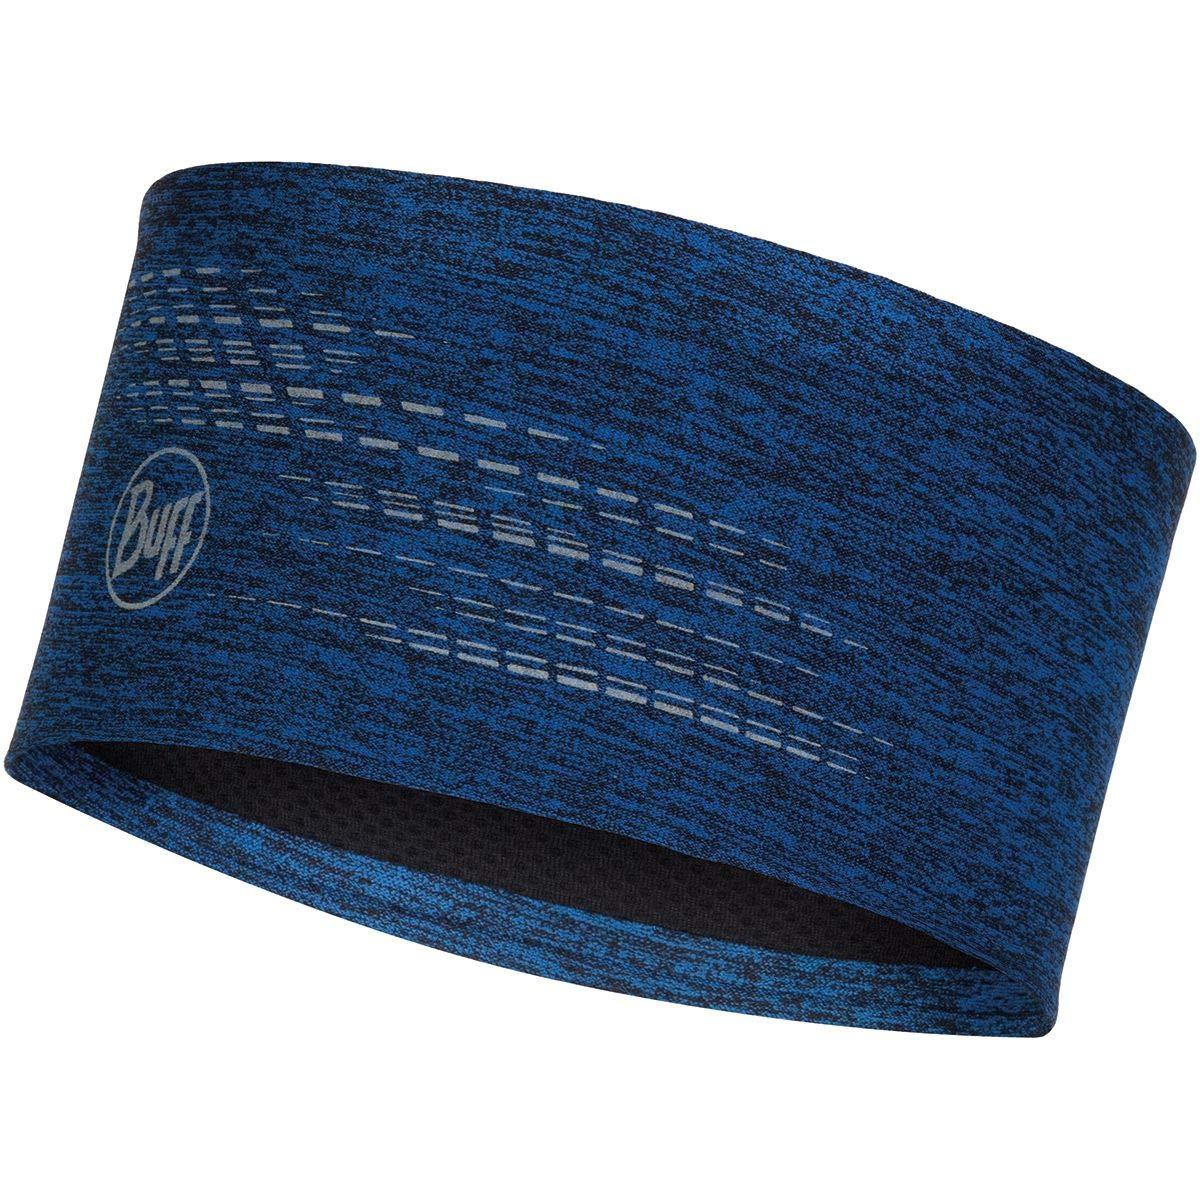 Buff DRYFLX Headband R blau 118098.707.10.00